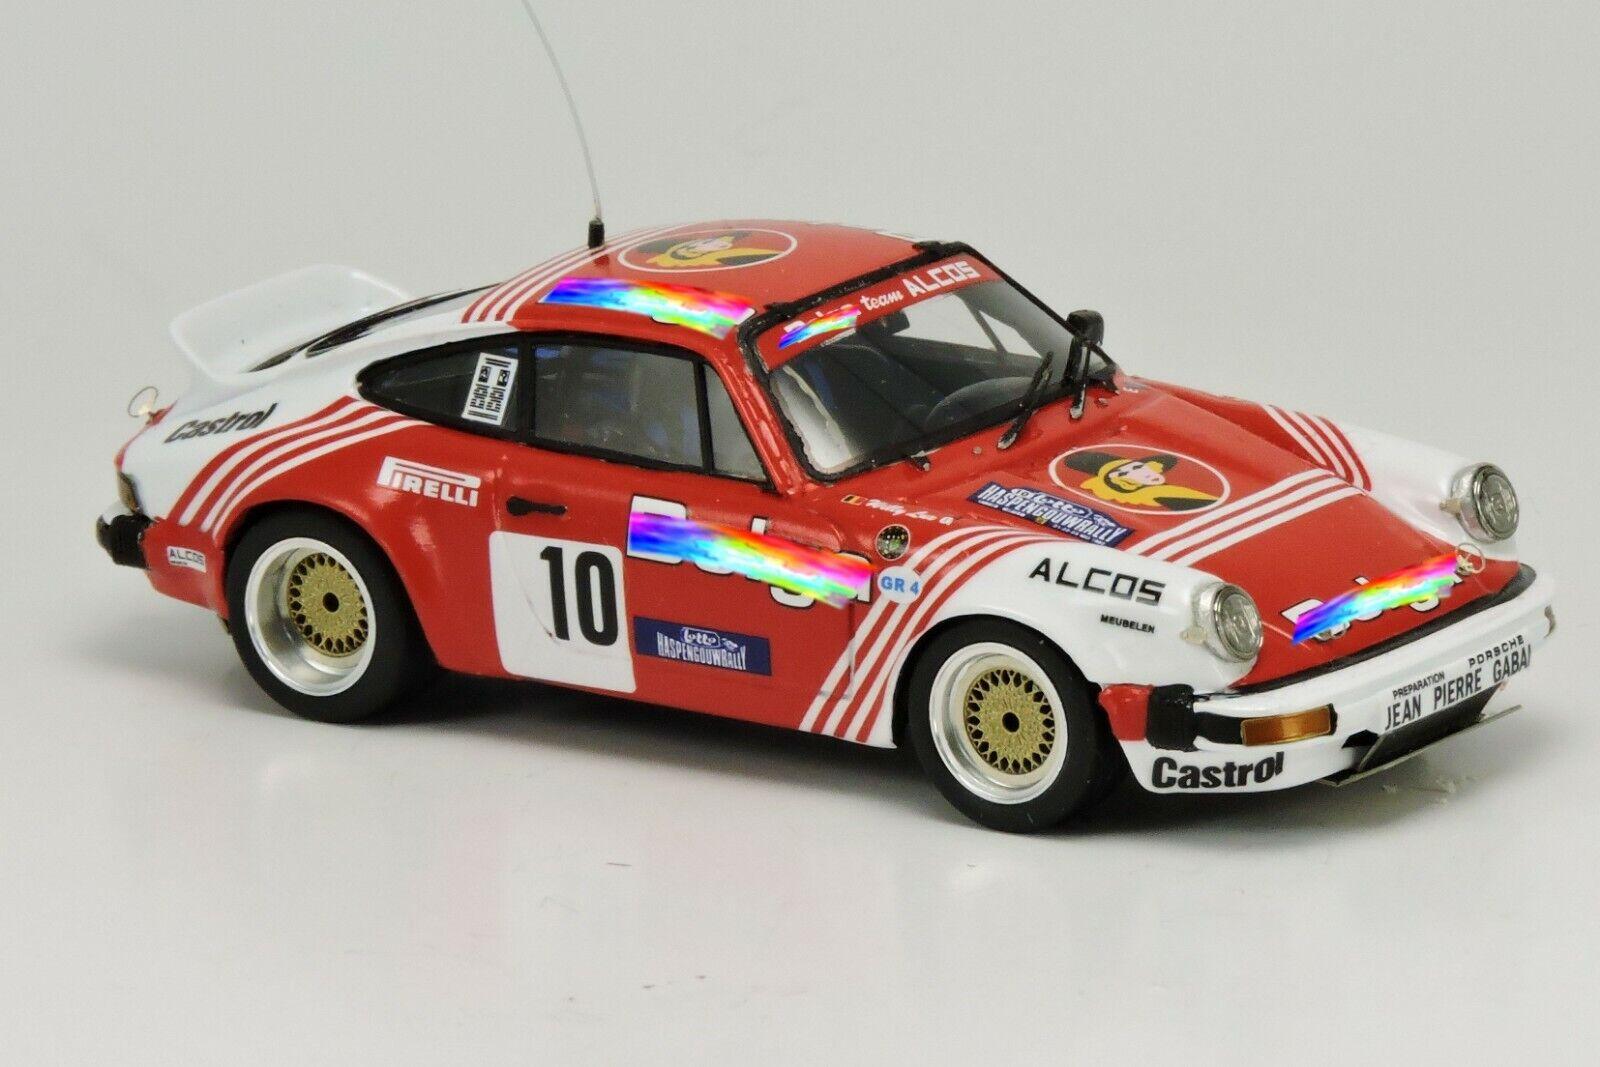 Kit Porsche 911 SC GR.4  10 Duez-Lux Haspengow 1982 - Arena Models kit